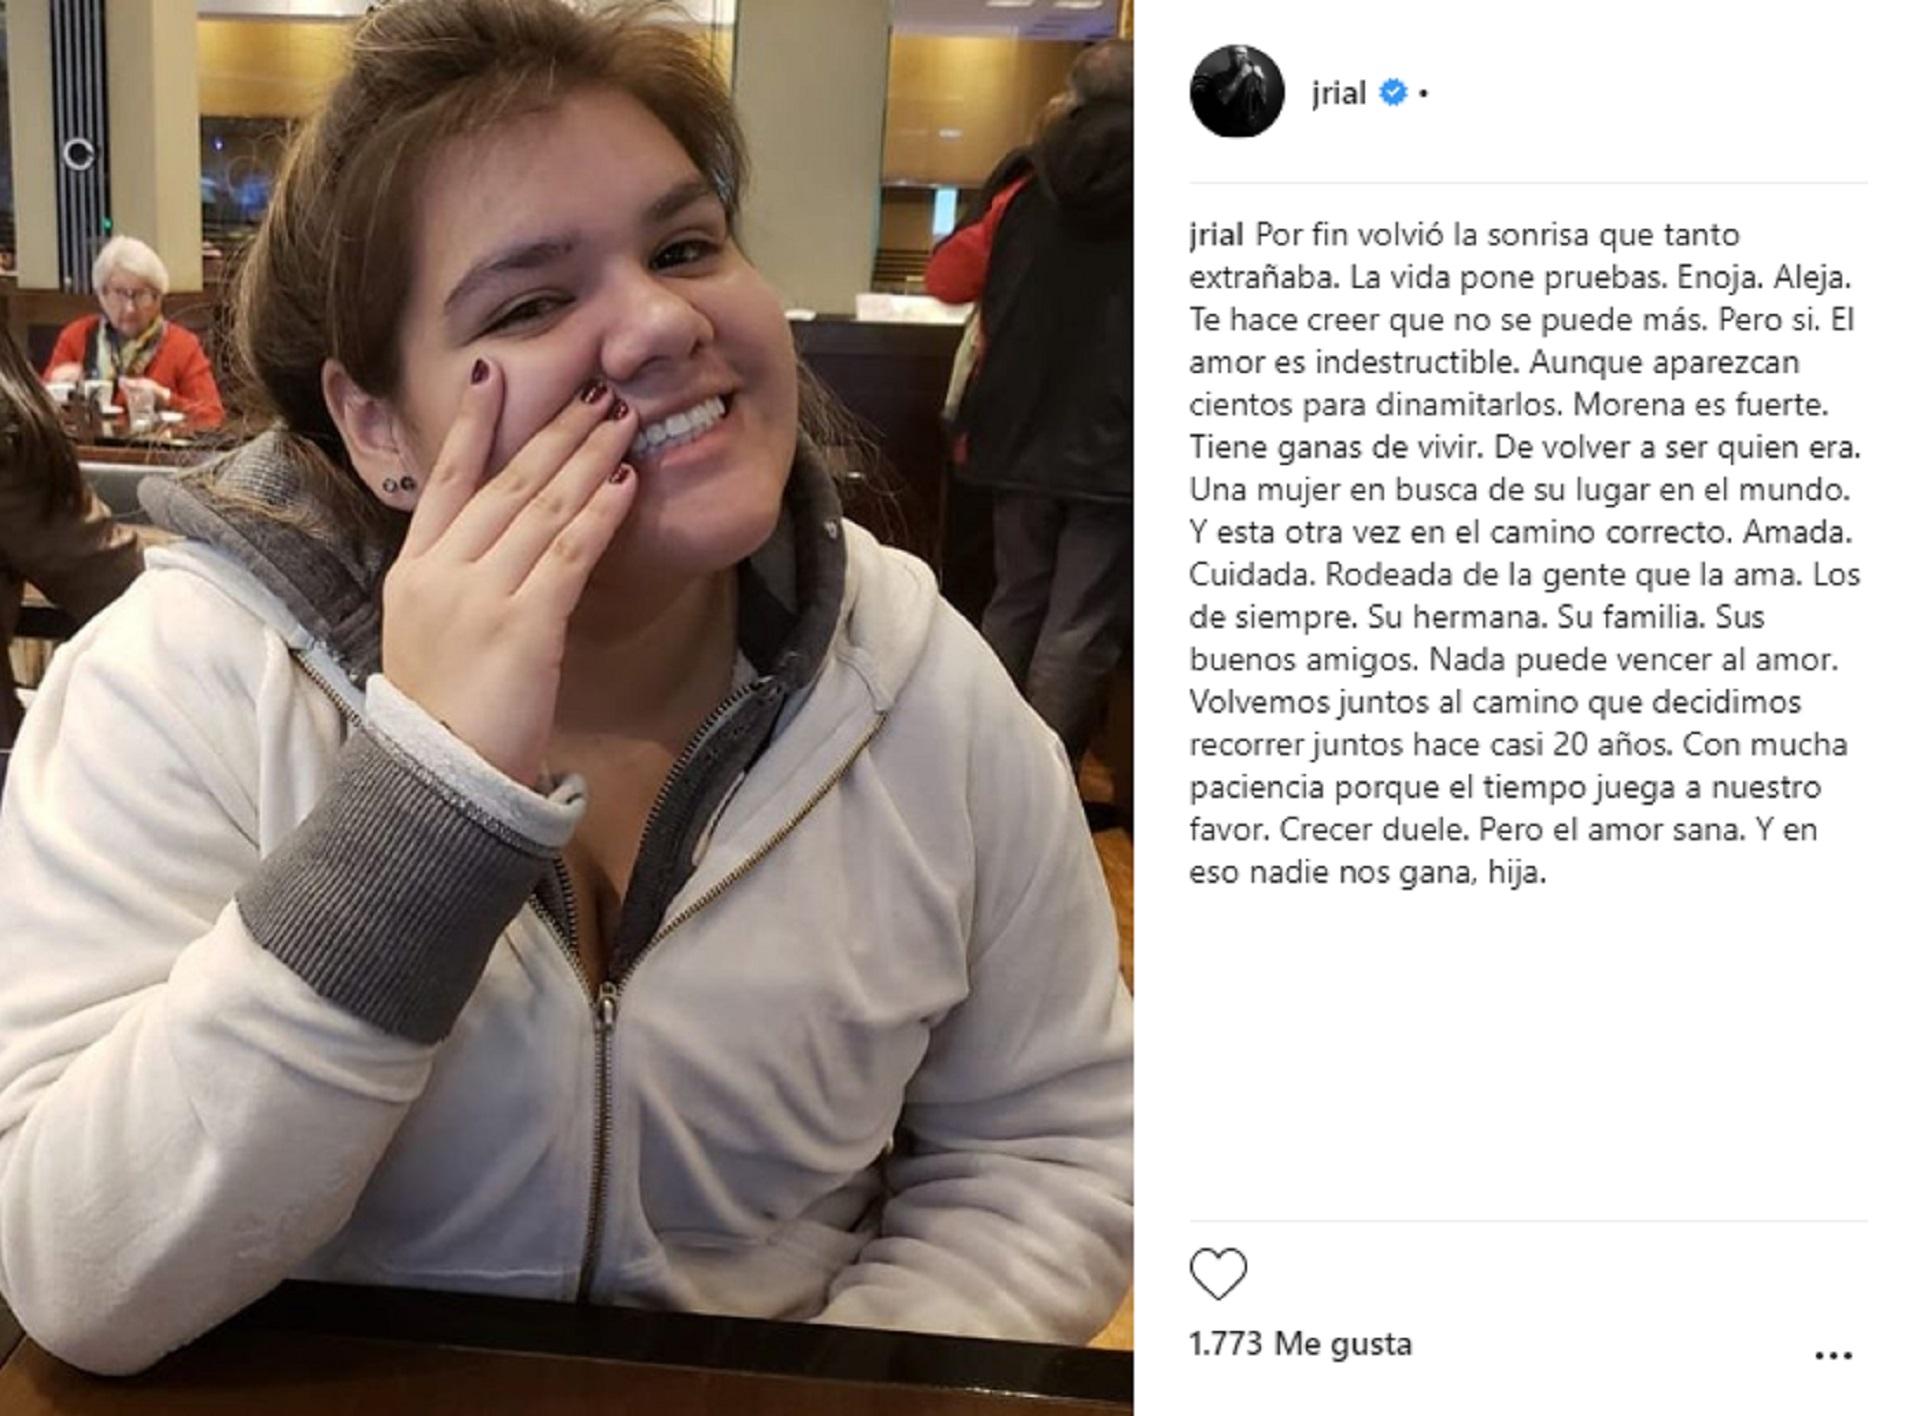 """Jorge Rial y su hija Morena se reconciliaron. """"Por fin volvió la sonrisa que tanto extrañaba. La vida pone pruebas. Enoja. Aleja. Te hace creer que no se puede más. Pero sí"""", dijo el conductor"""